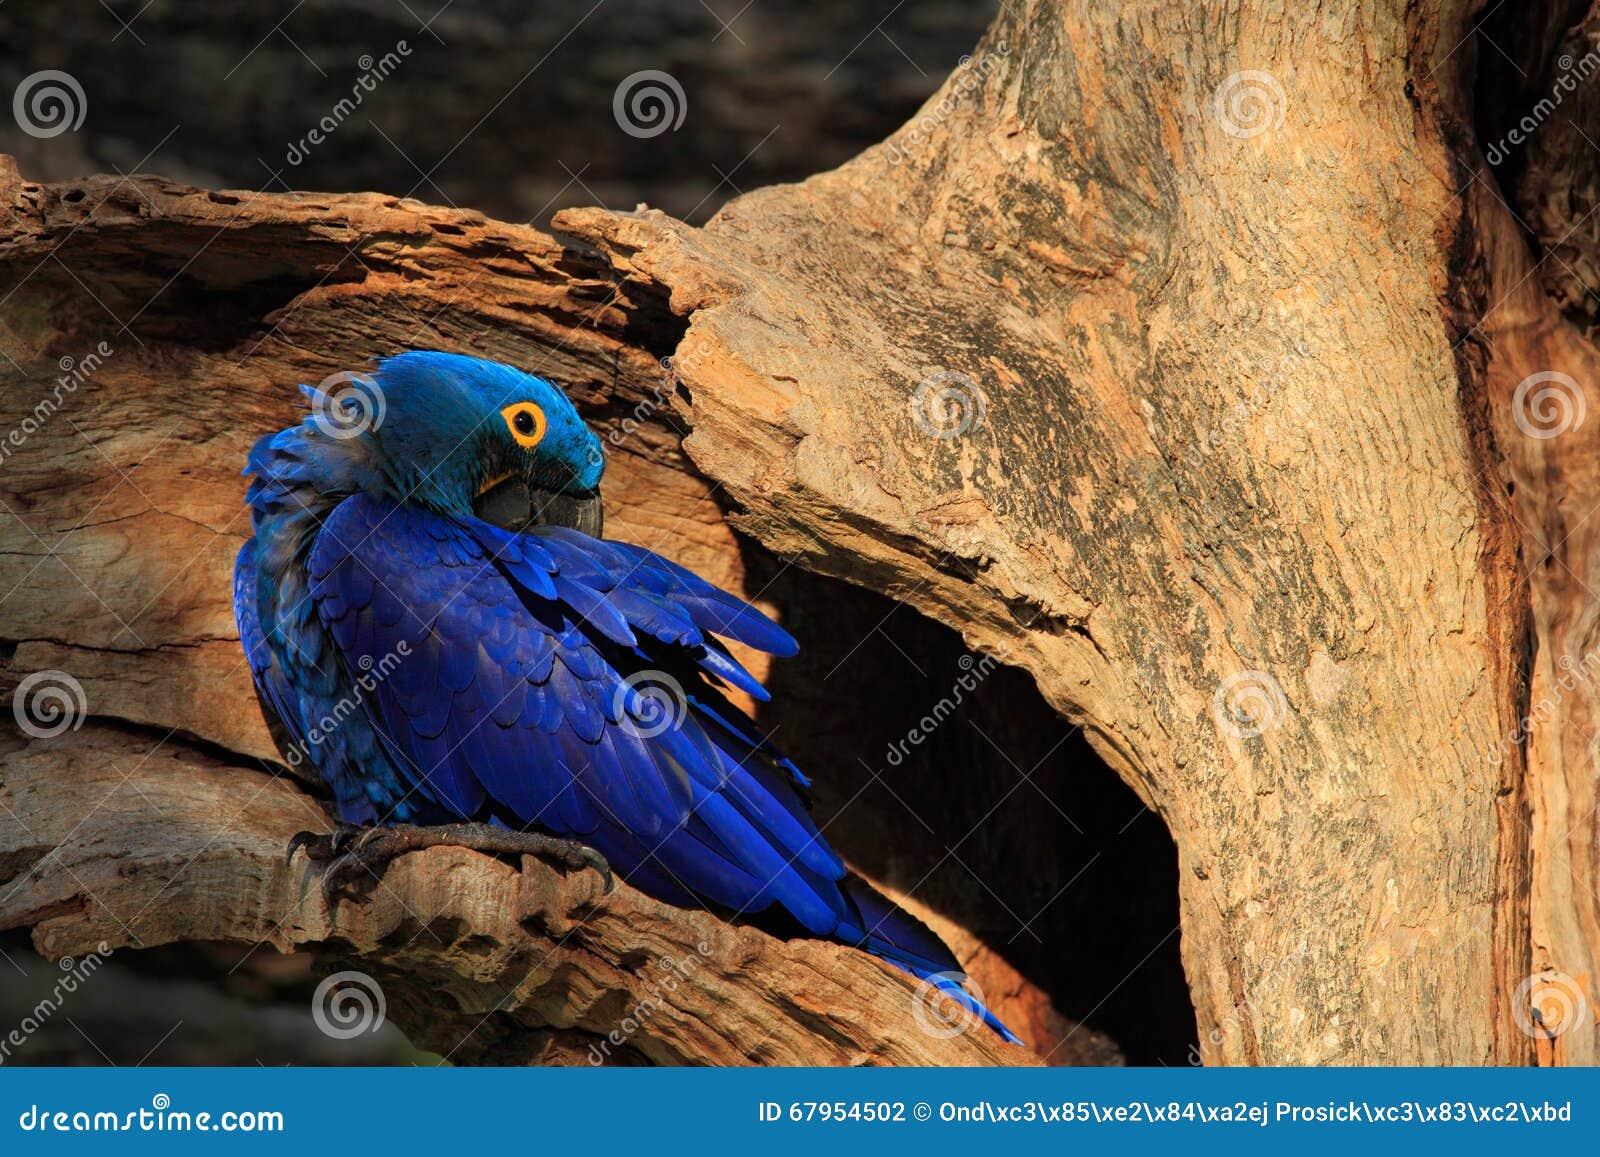 Oiseau Martine 11/01/2016 trouvé par Ajonc Hyacinth-macaw-hyacinthinus-d-anodorhynchus-grand-perroquet-rare-bleu-en-trou-de-nid-d-arbre-oiseau-dans-l-habitat-de-fort-de-67954502